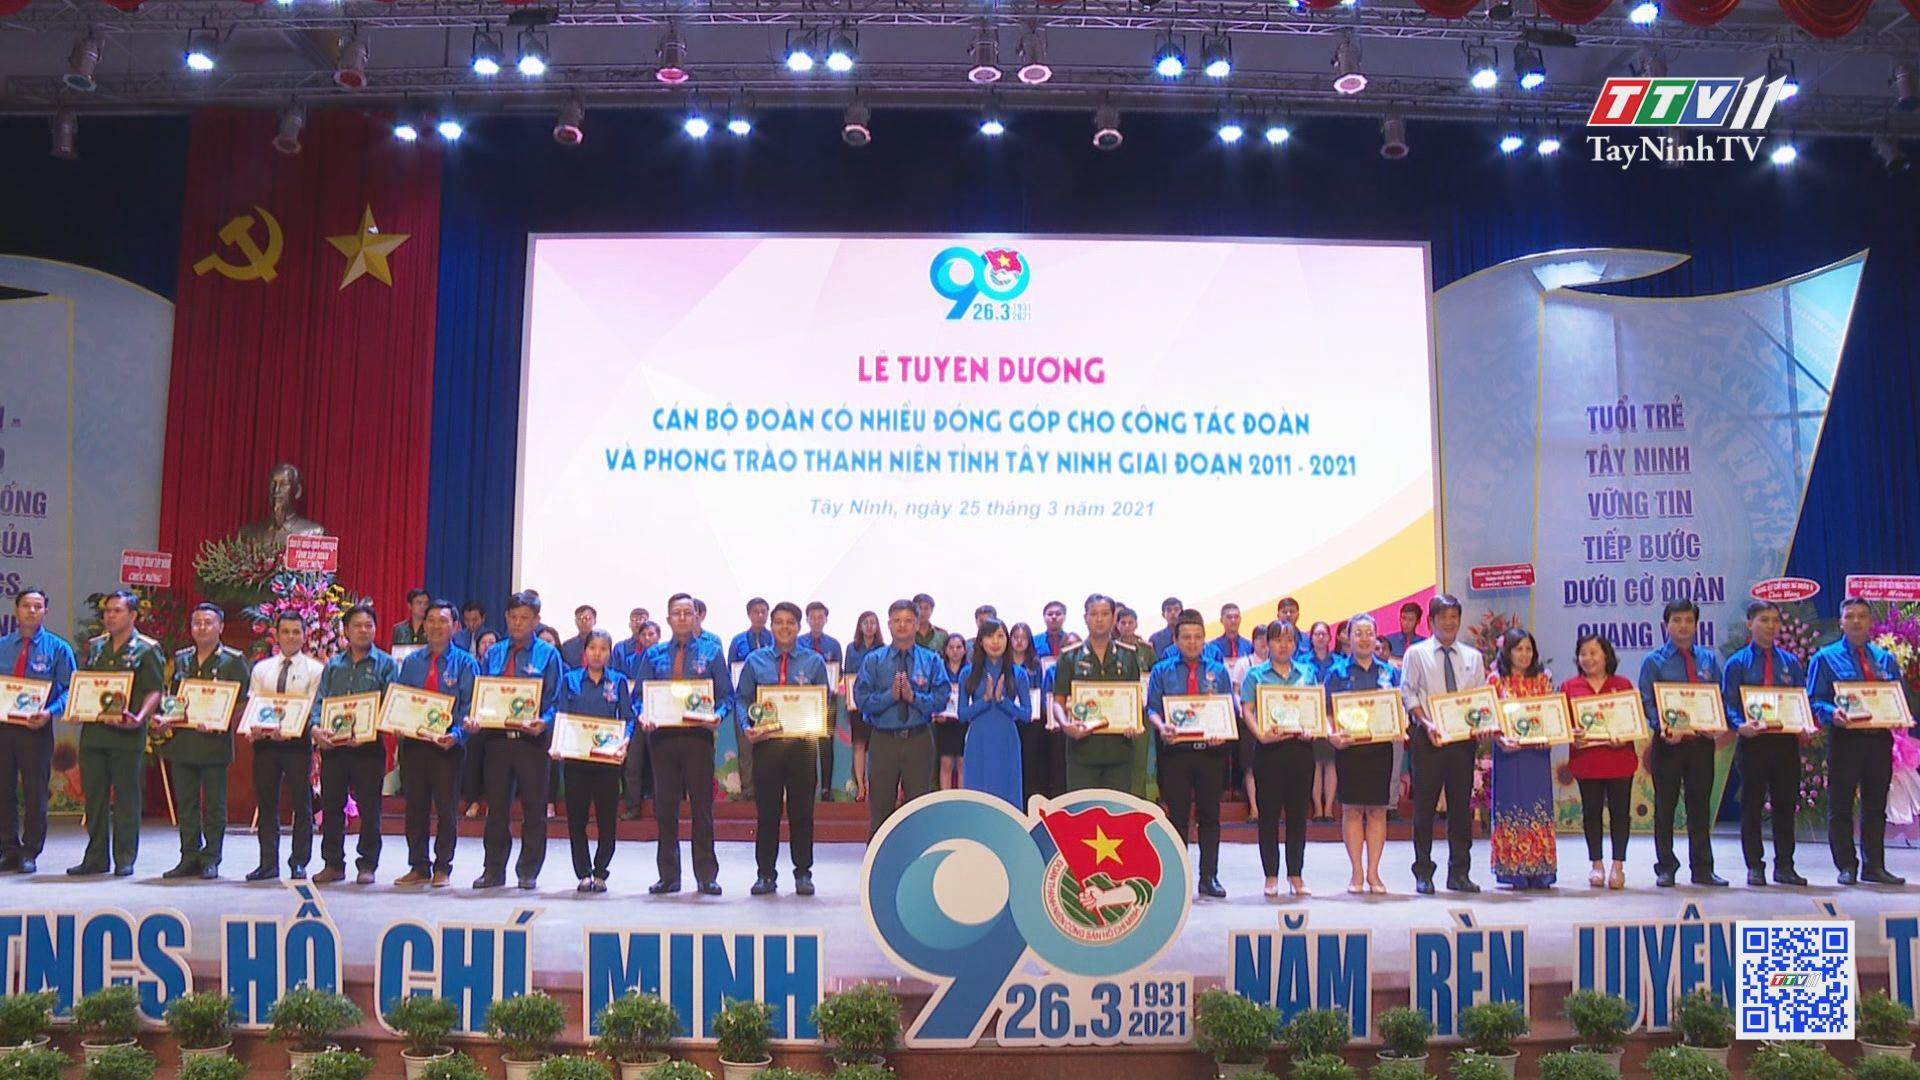 Tuổi trẻ Tây Ninh tự hào truyền thống vẻ vang của Đoàn TNCS Hồ Chí Minh | THANH NIÊN | TayNinhTV